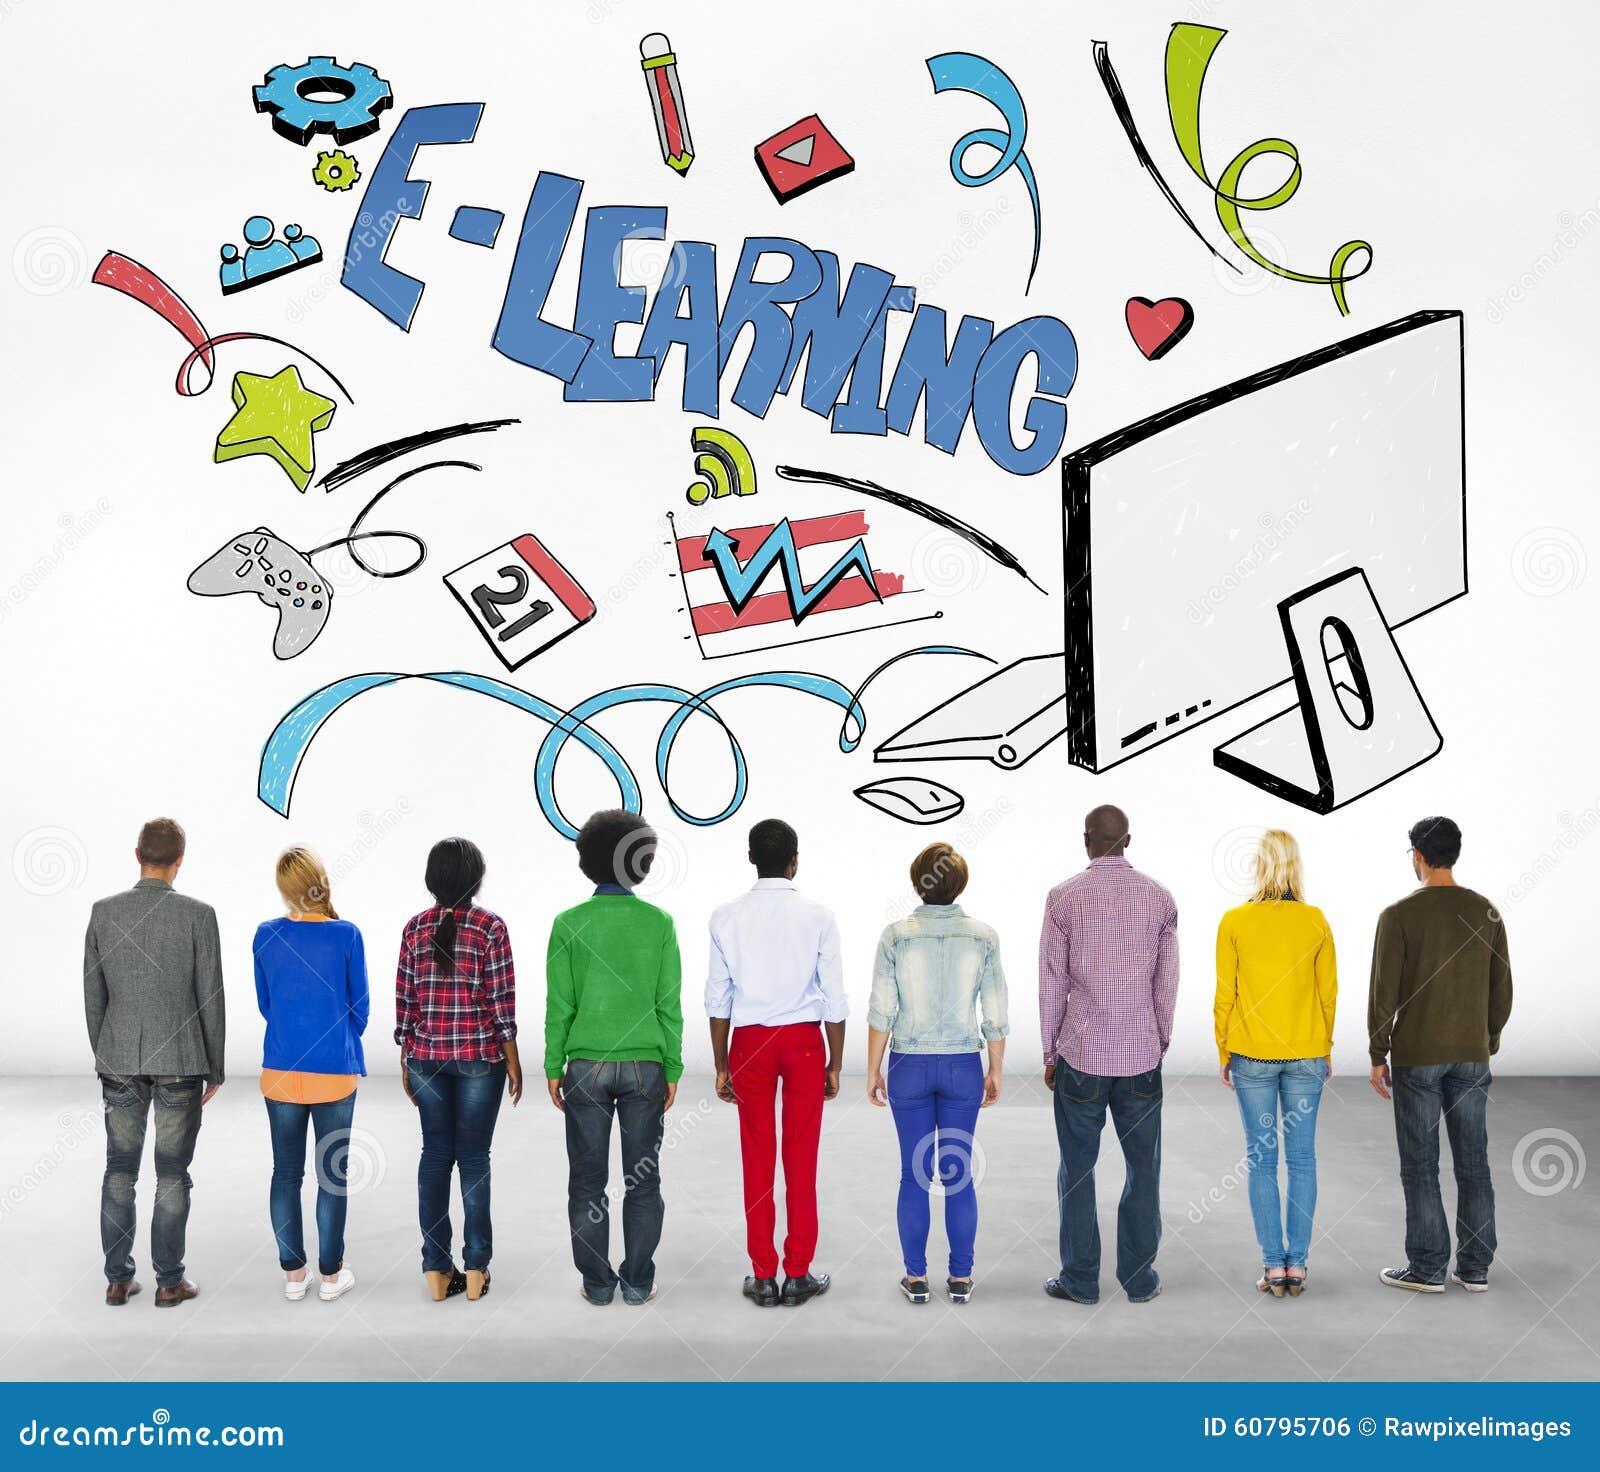 epub Innovationsorientiertes Bildungsmanagement: Hochschulentwicklung durch